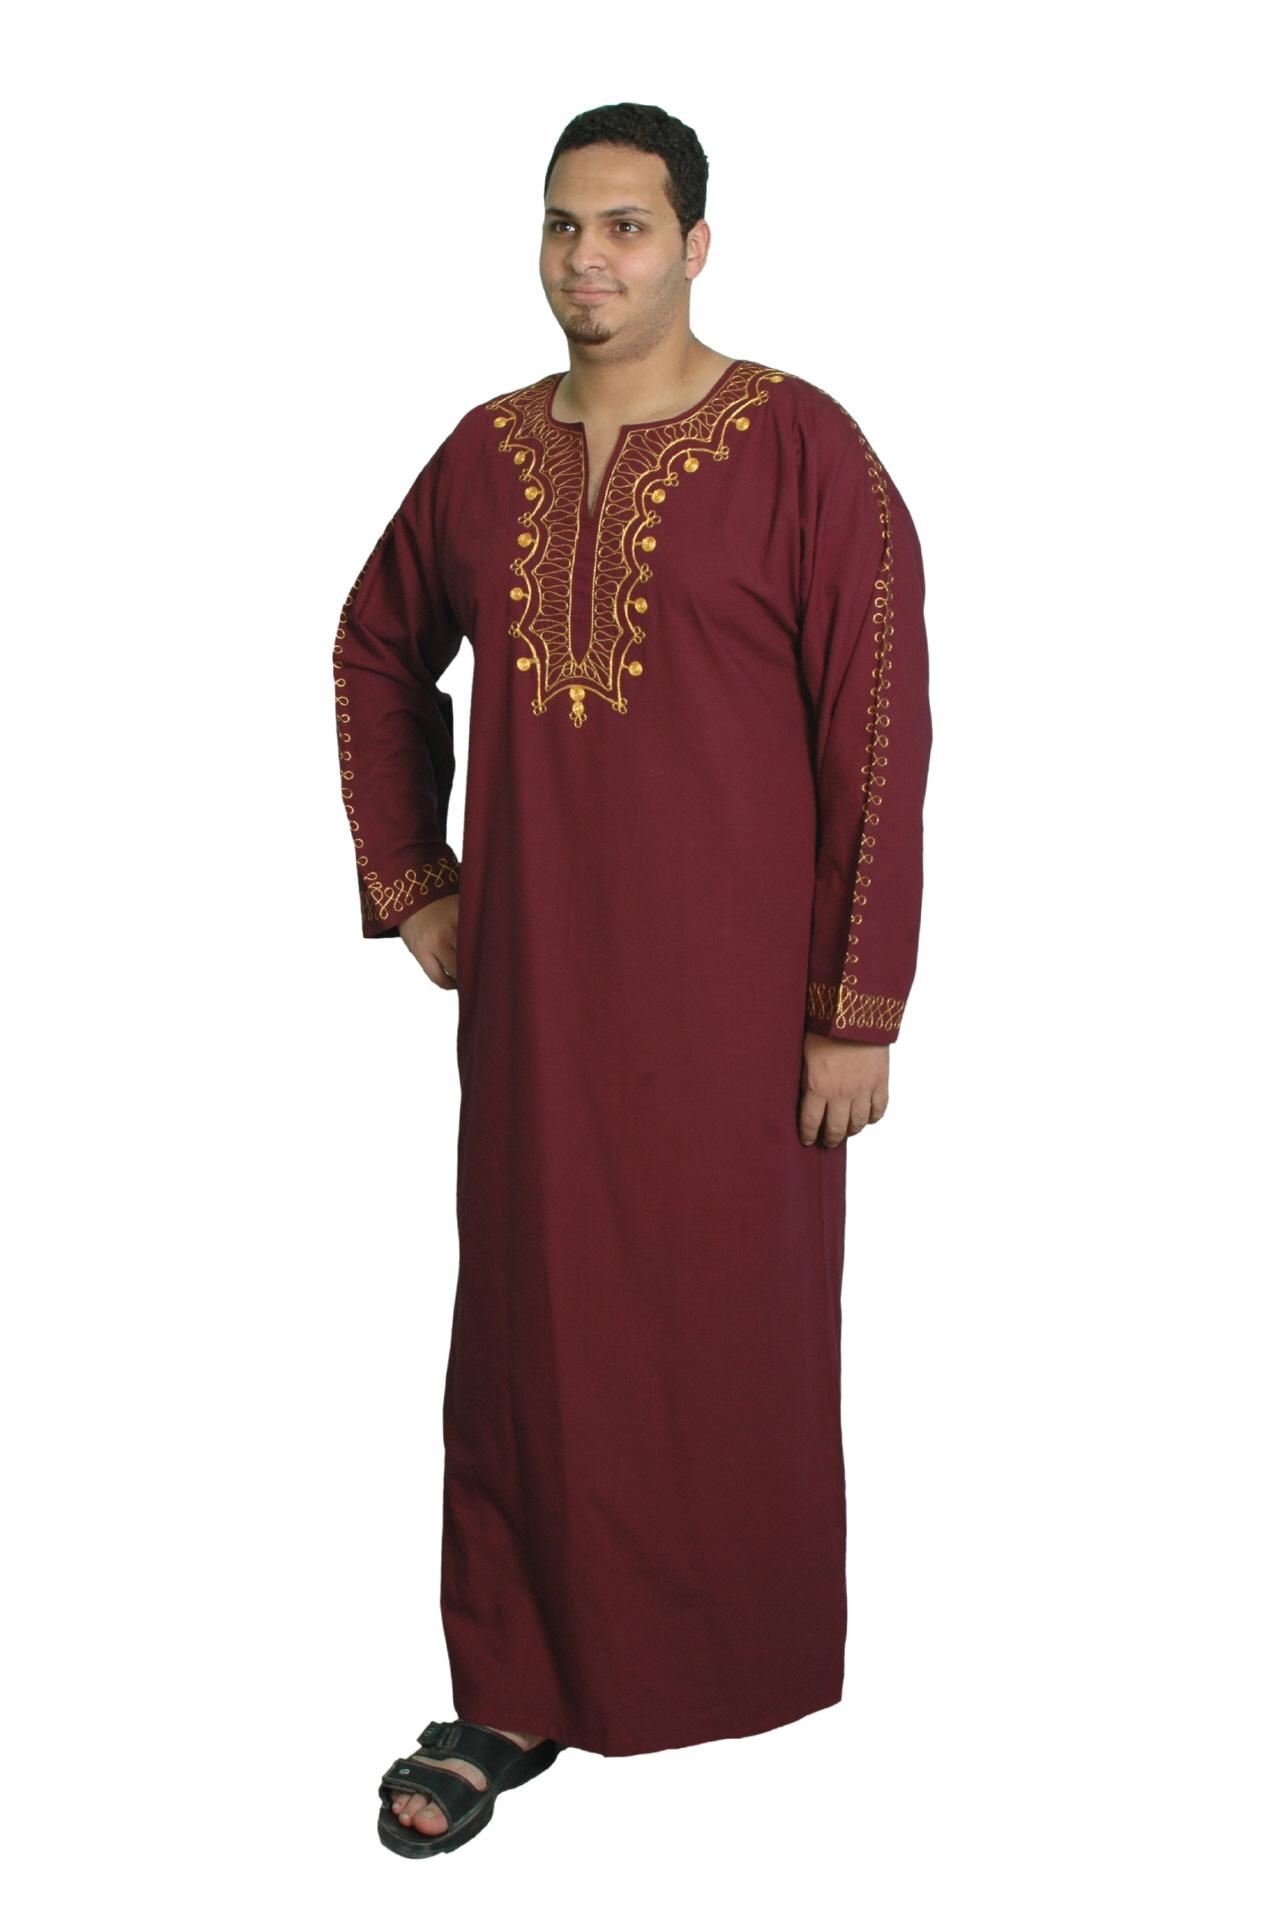 Herren kaftan orientalische kleidung mittelalter gewandung - Festliche kleidung herren ...